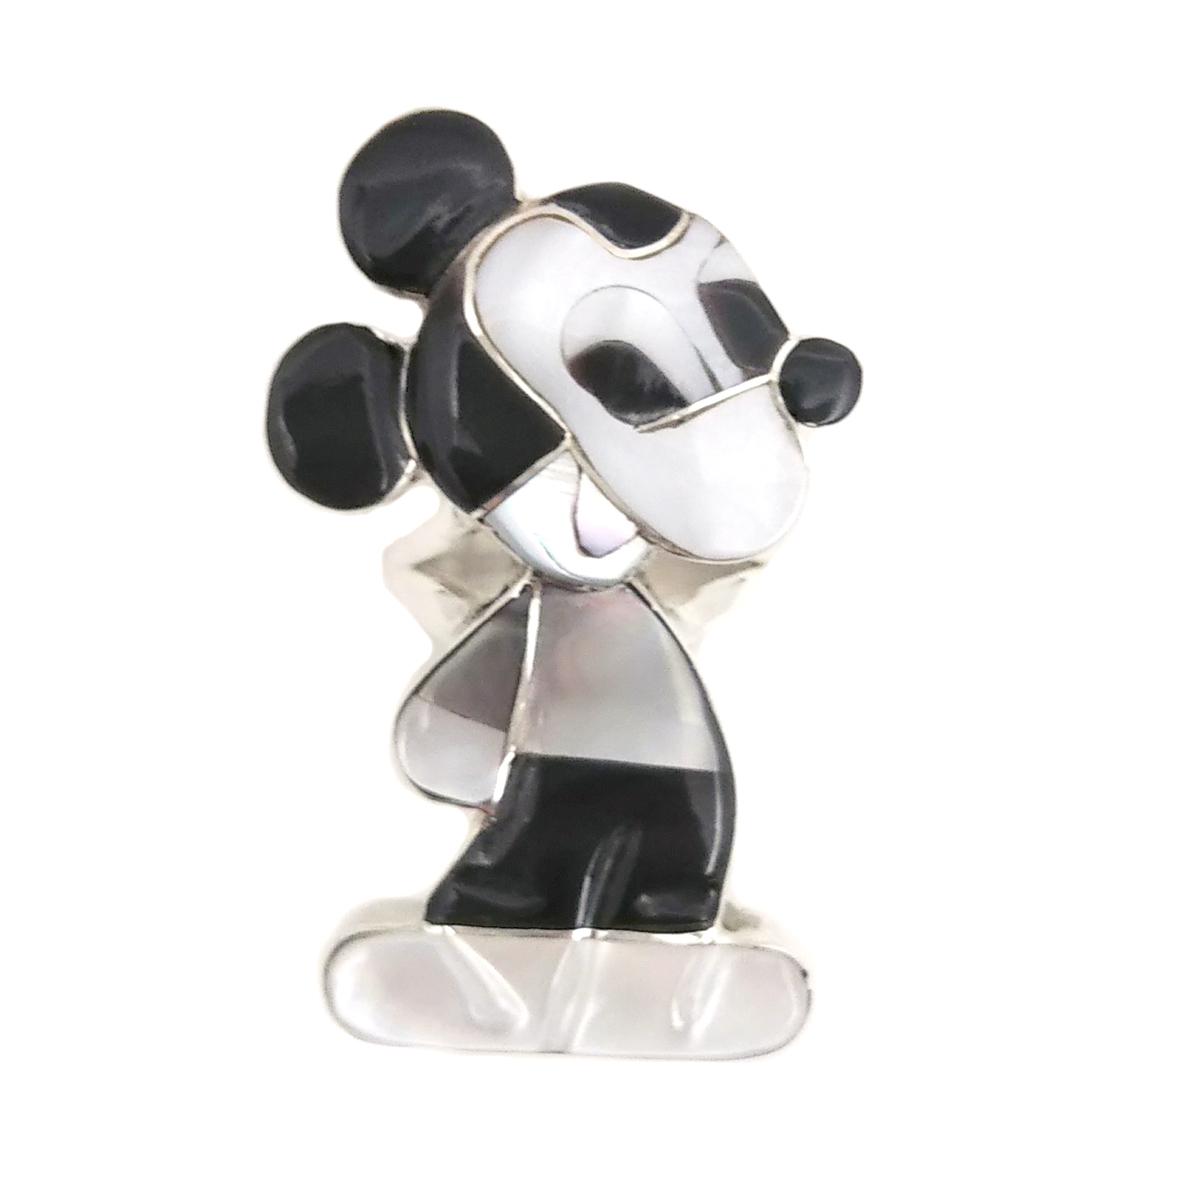 Paula Leekity Ring Mickey Mouse(ポーラ リーキティ リング 9.5号 ミッキーマウス) ズニ族zuniインディアンジュエリーネイティブアメリカン インレイ技法シルバー貝シェルジェットサンゴヴィンテージジュエリービンテージアンティーク